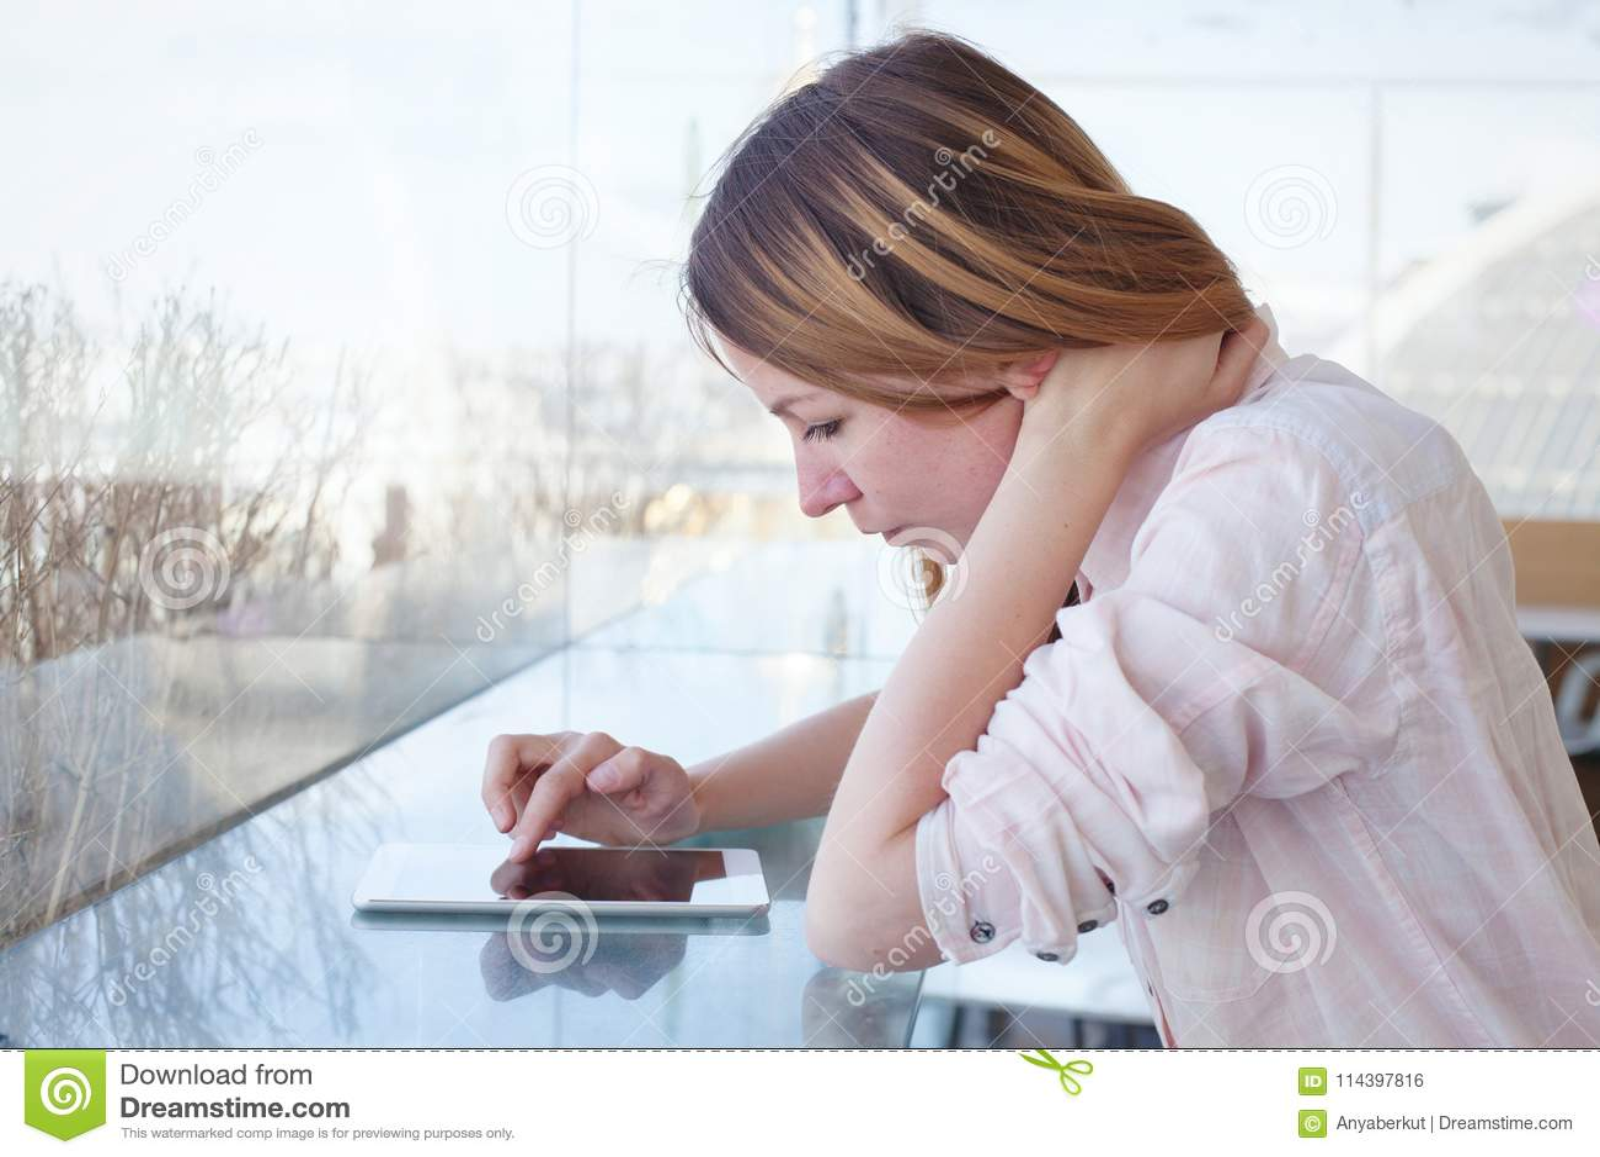 Vrouw die digitaal tabletgadget in moderne binnenlands gebruiken, controlerend e-mail